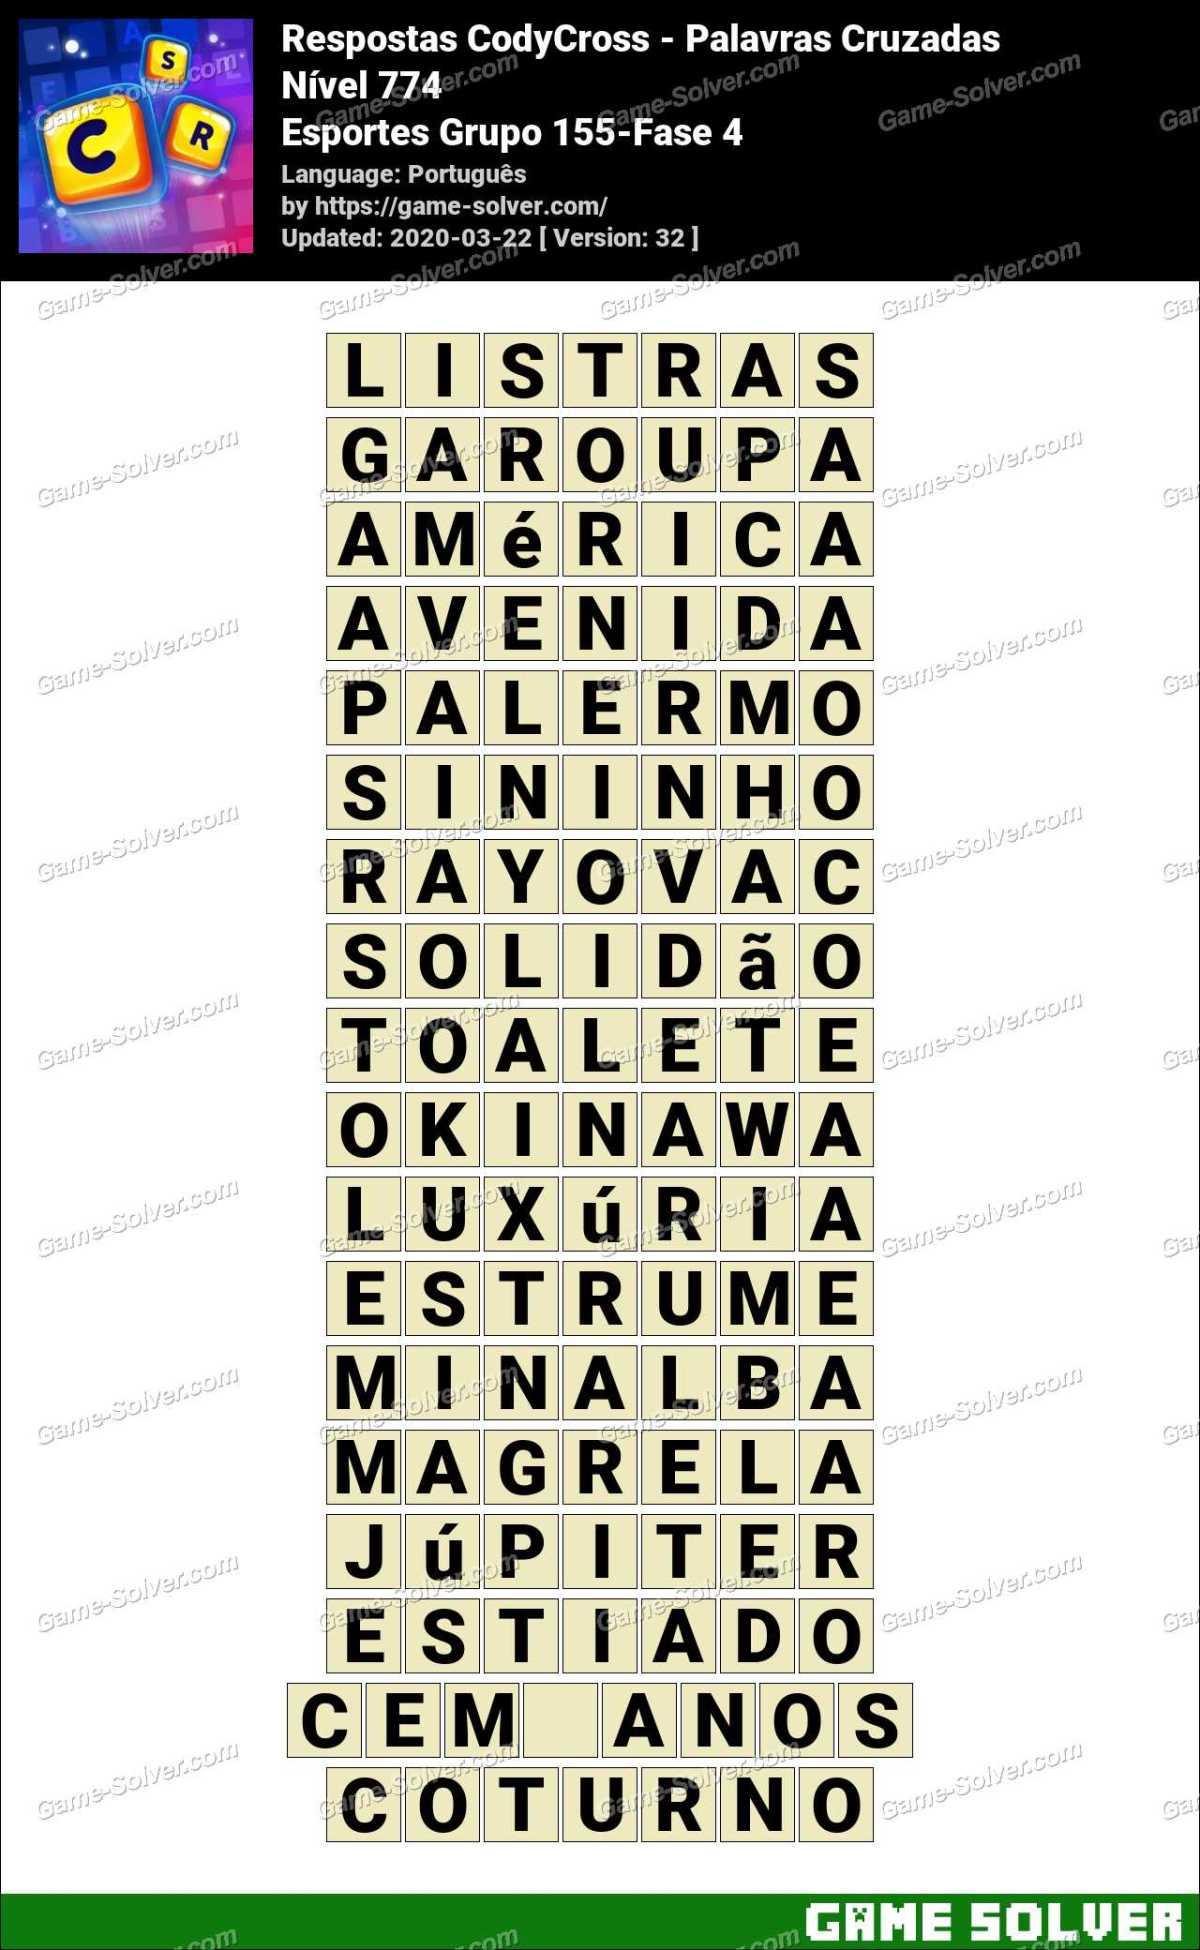 Respostas CodyCross Esportes Grupo 155-Fase 4